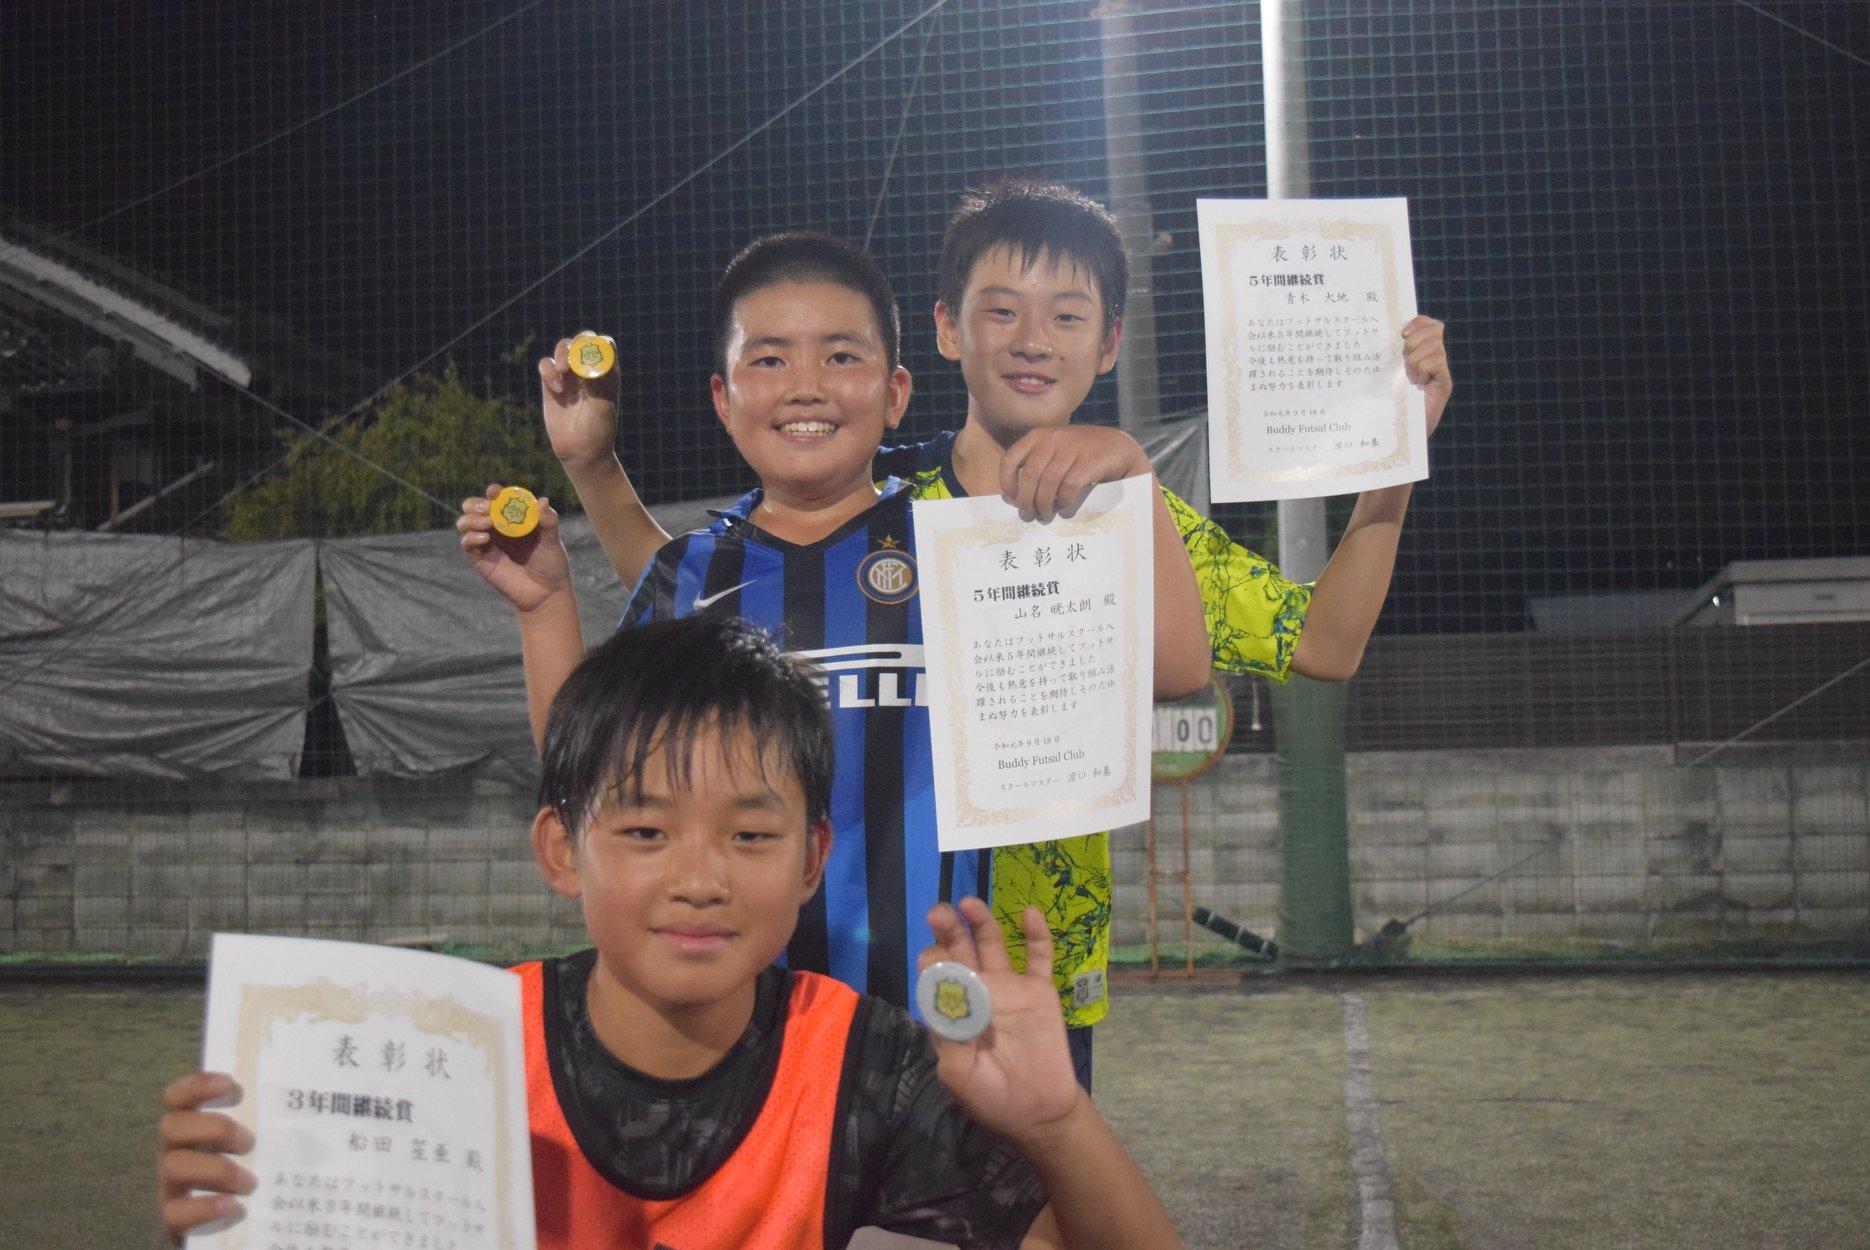 アドバンスクラスの3人が揃って継続賞を受賞!